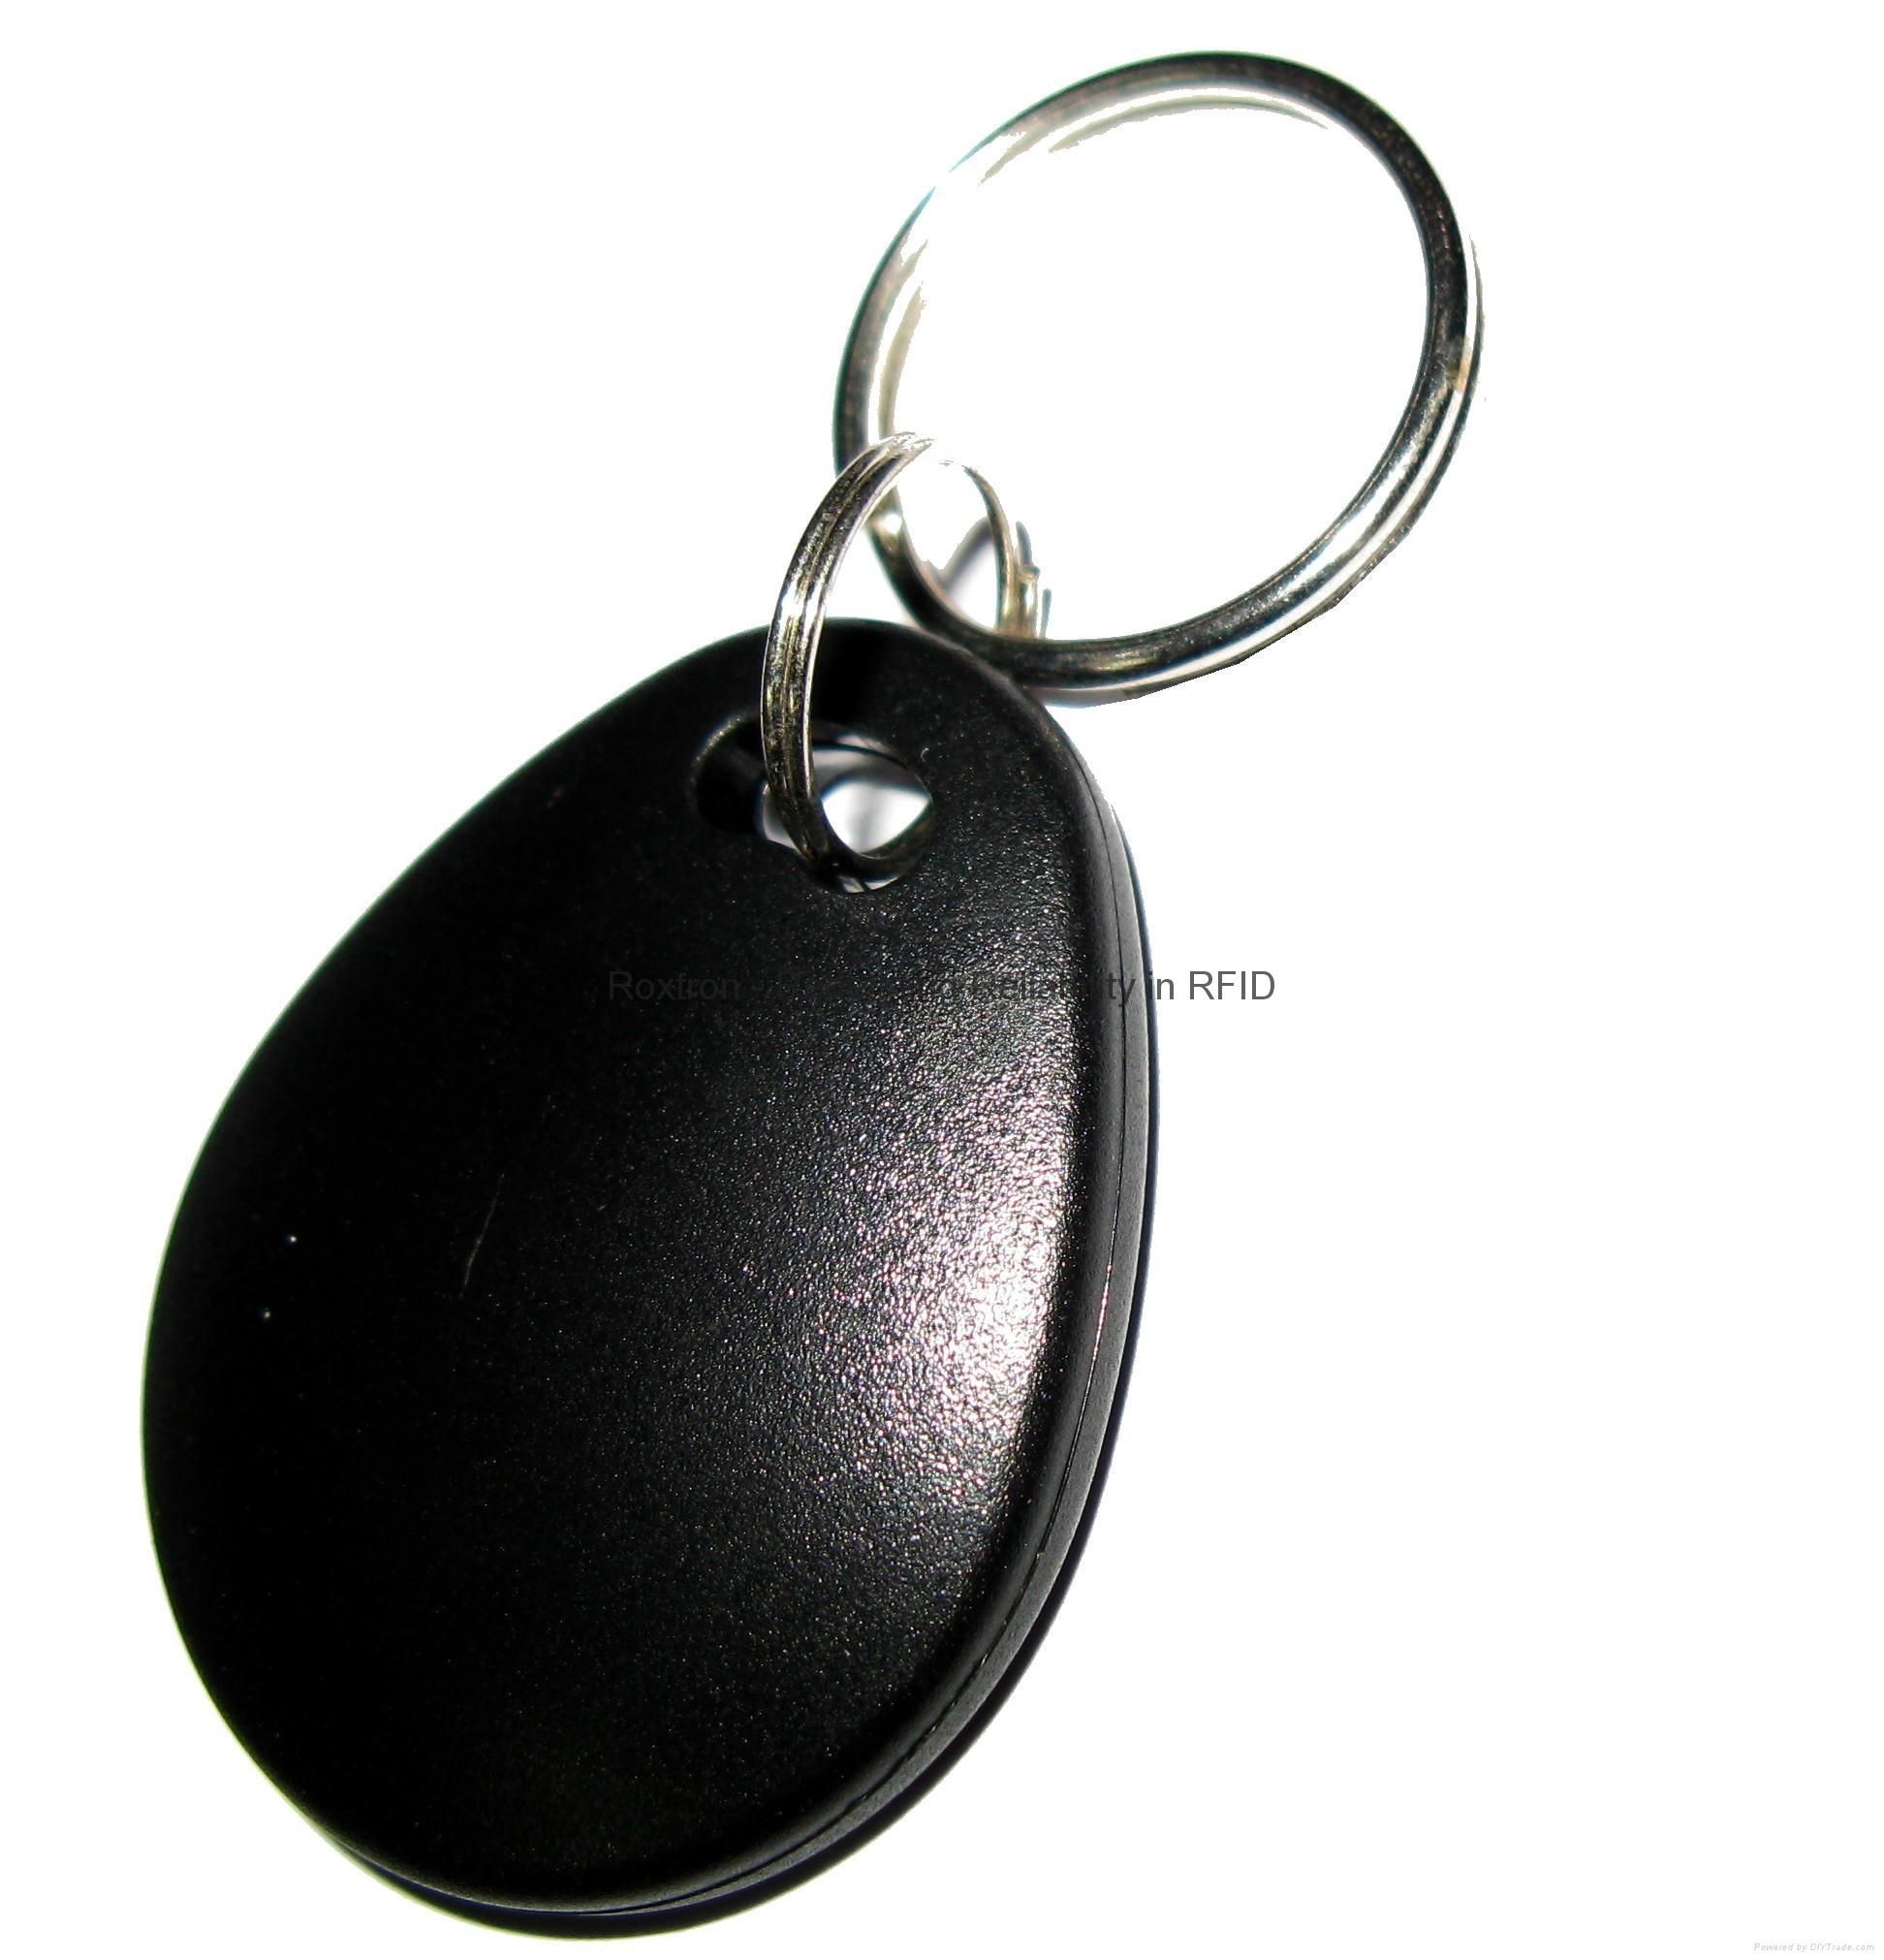 ROXTRON desfire 2k key fob